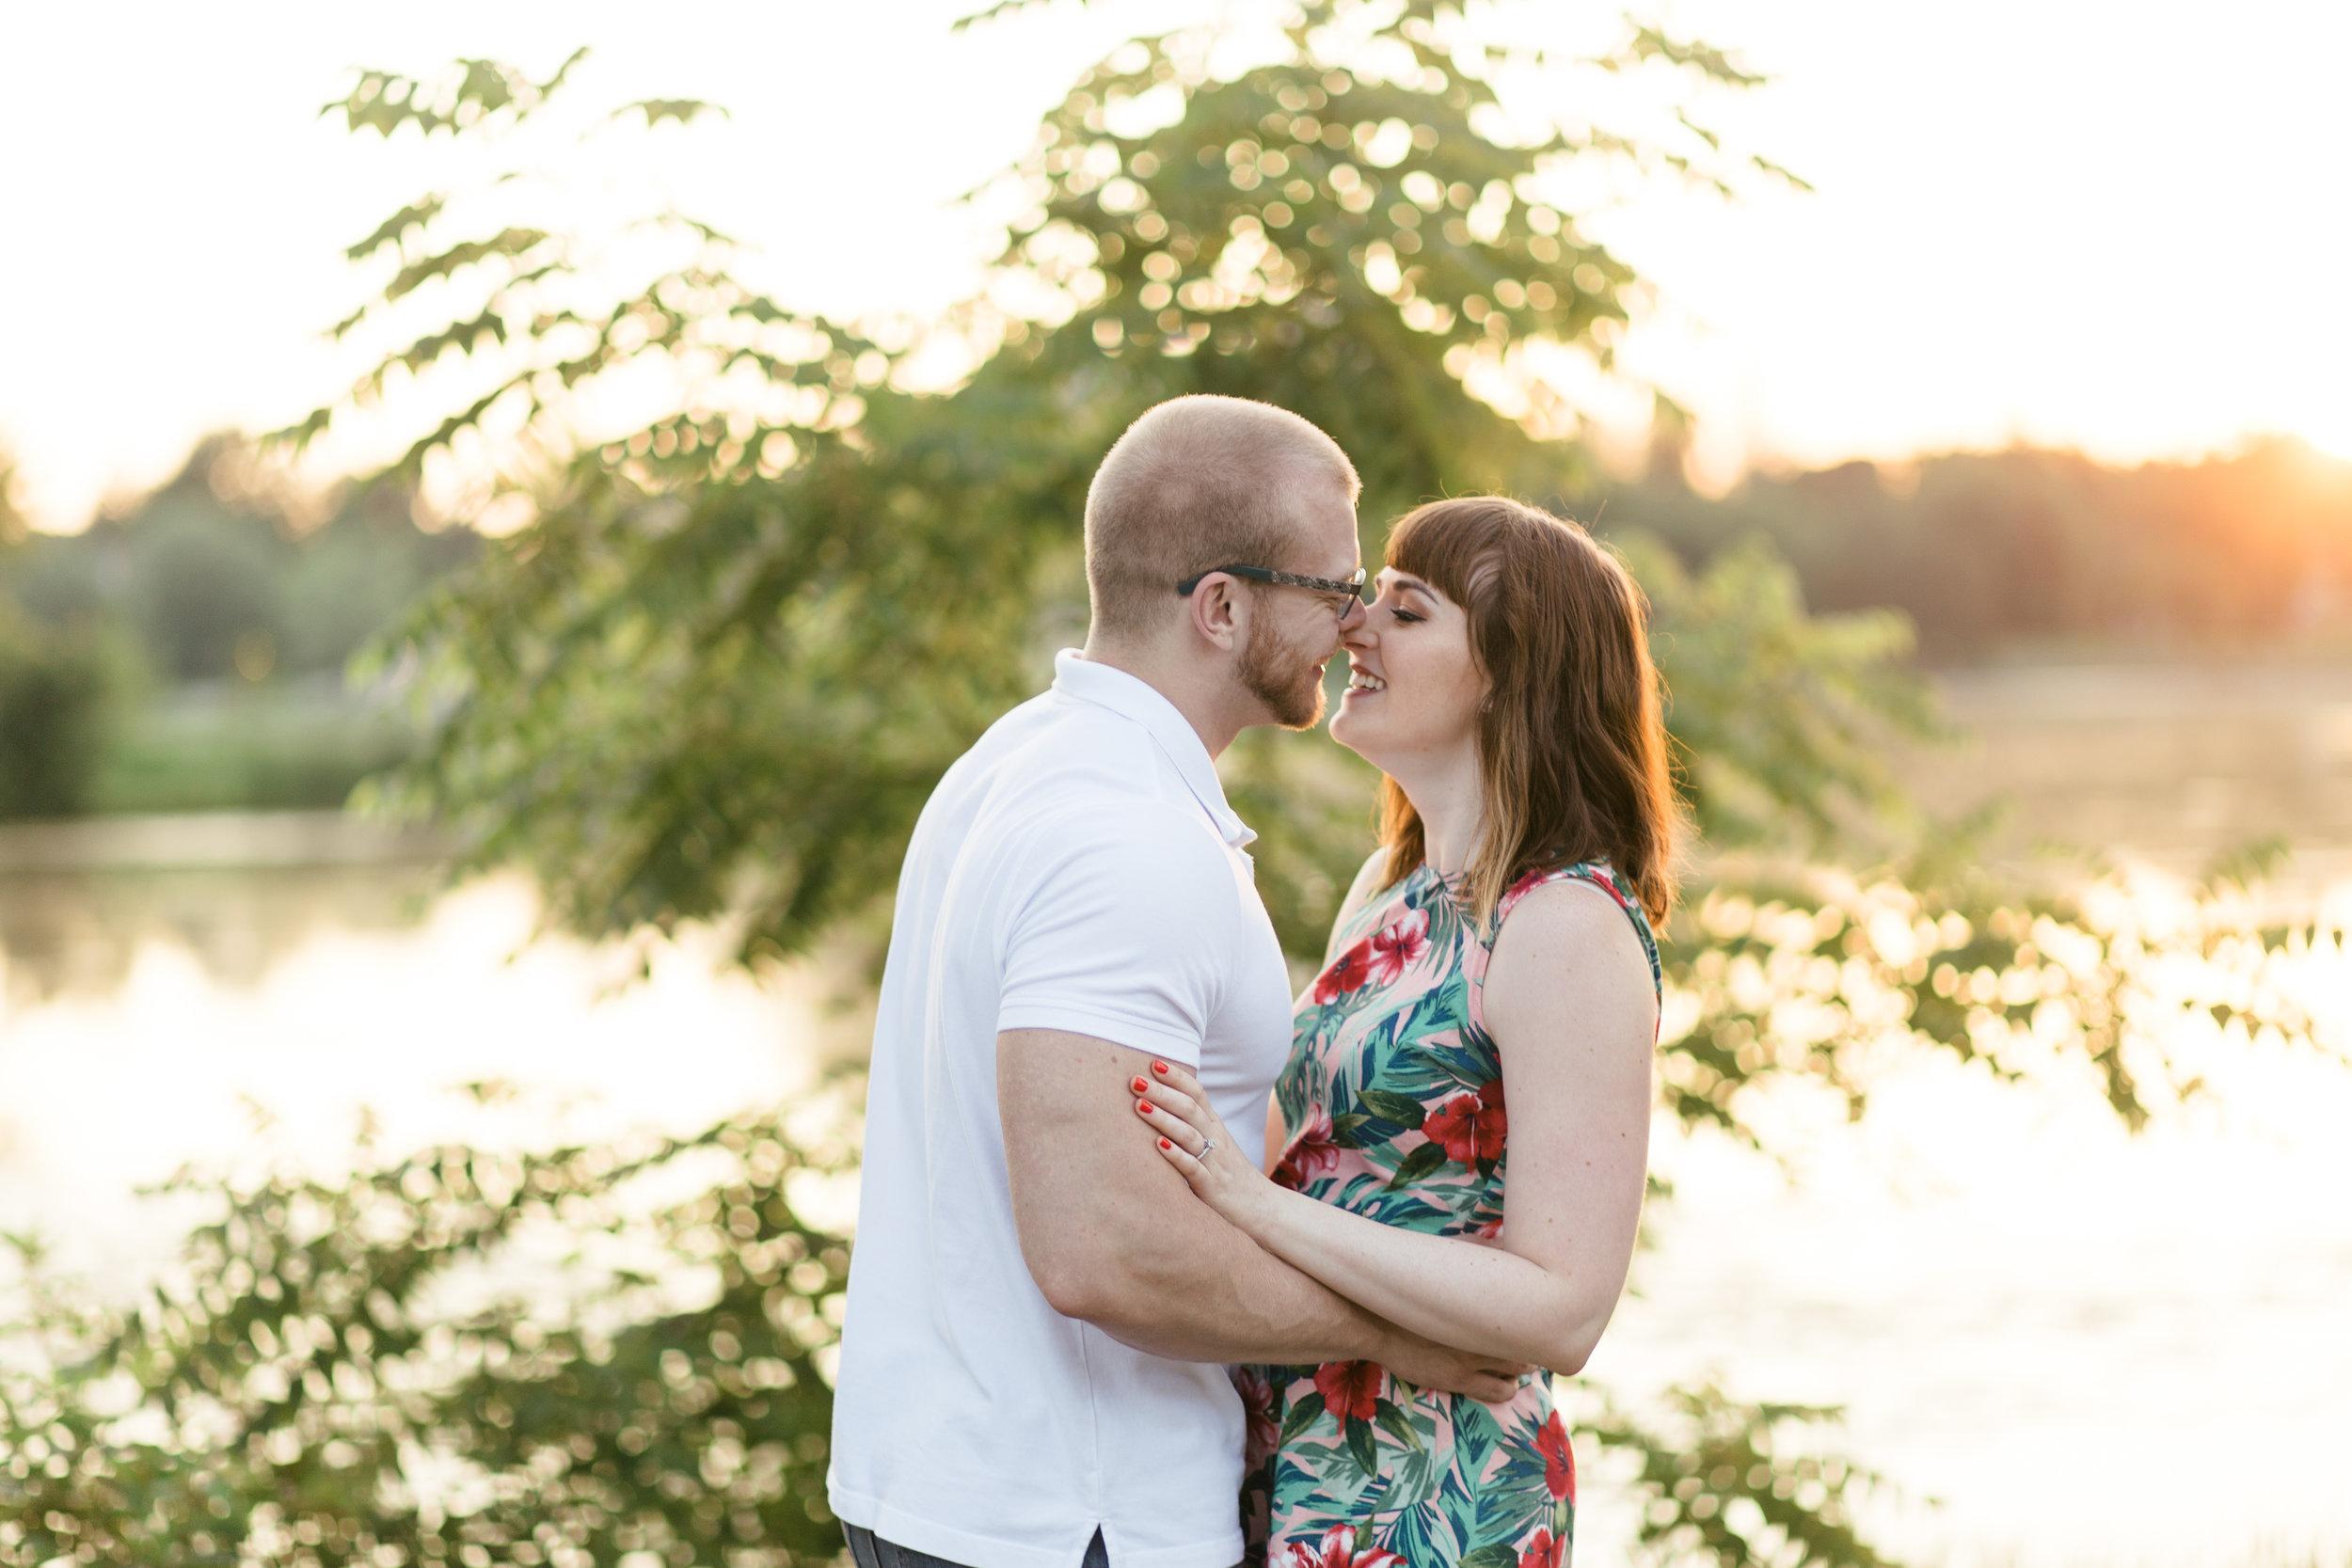 Chloe & Matt Engagement Final Images-3.jpg